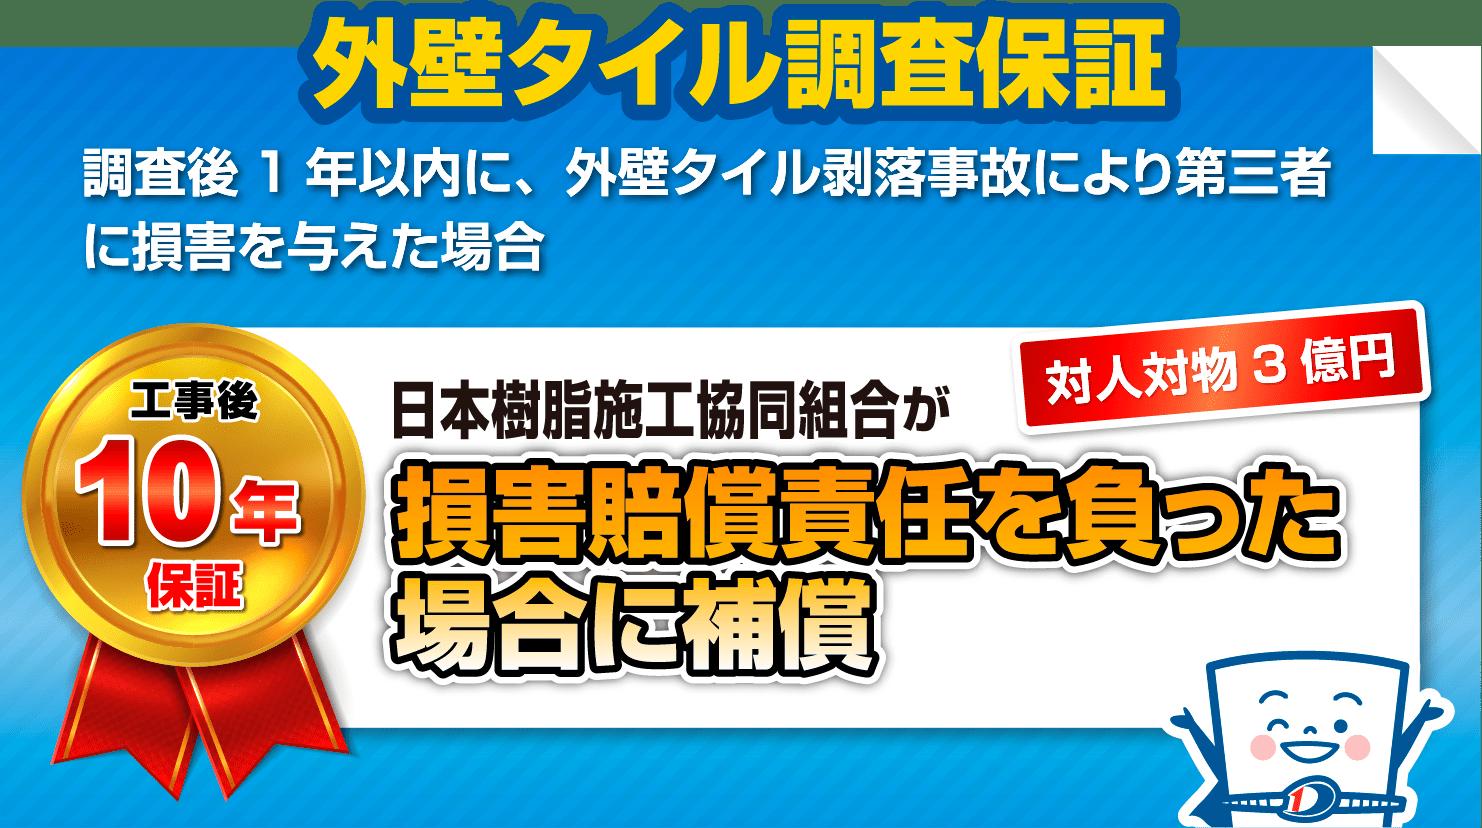 外壁タイル調査保証                             調査後1年以内に、外壁タイル剥落事故により第三者に損害を与えた場合                             工事後10年保証 対人対物3億円 日本樹脂施工協同組合が損害賠償責任を負った場合に補償